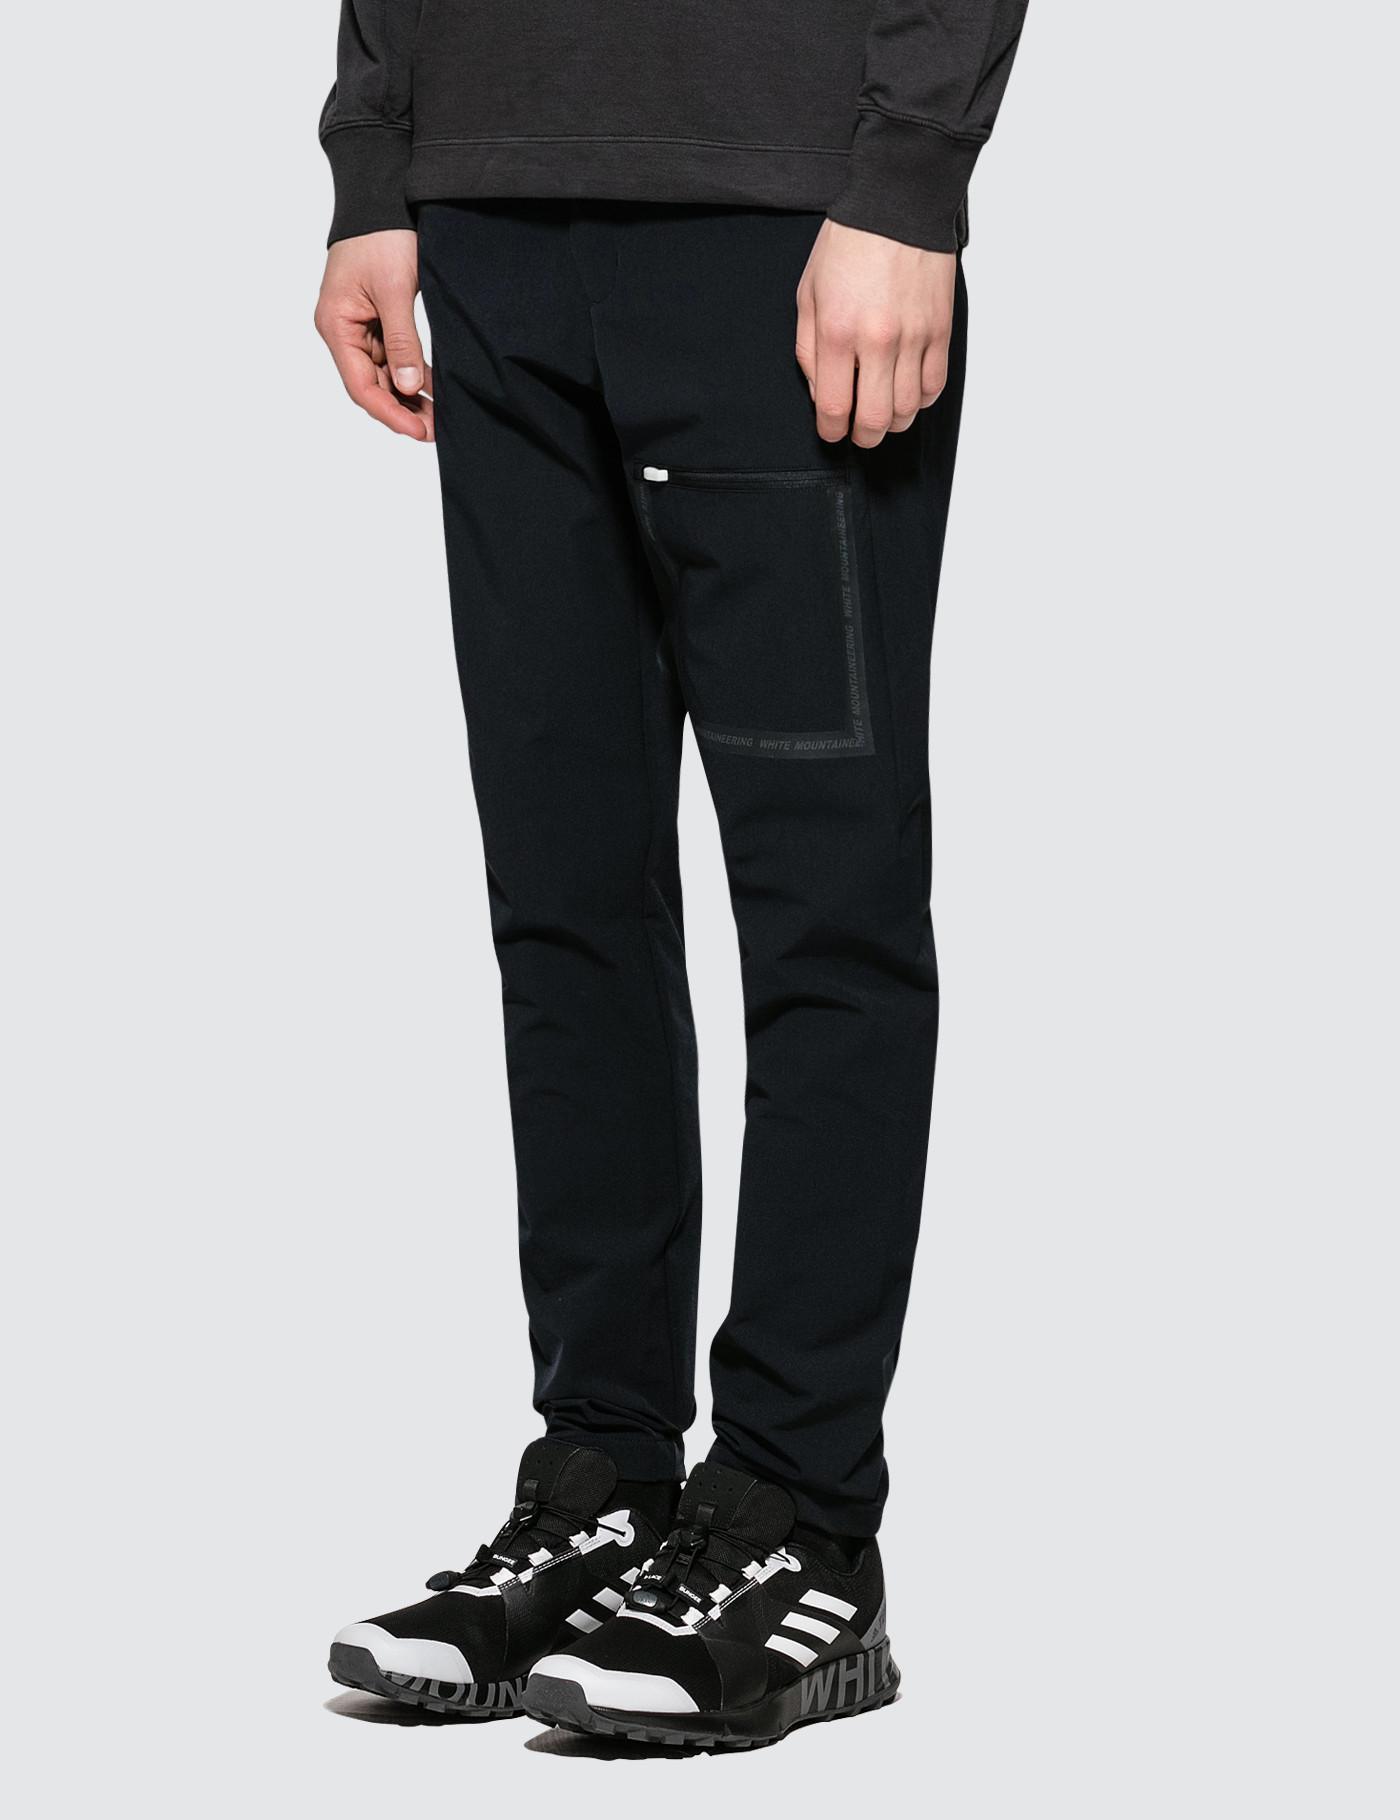 adidas x white mountaineering shorts